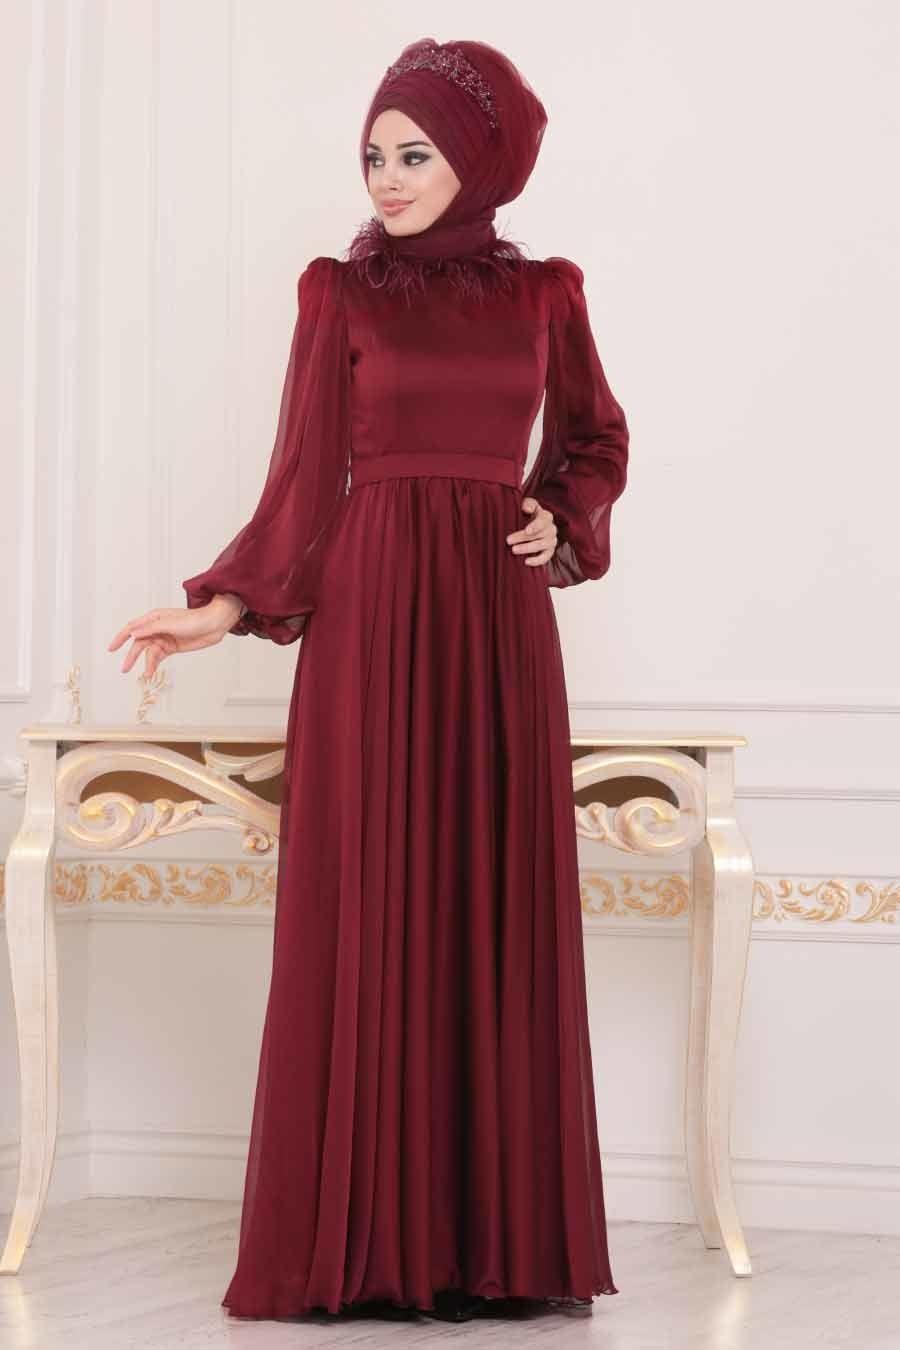 Tesetturlu Abiye Elbise Otrisli Bordo Tesettur Abiye Elbise 3925br Tesetturisland Com Moda Stilleri Giyim The Dress